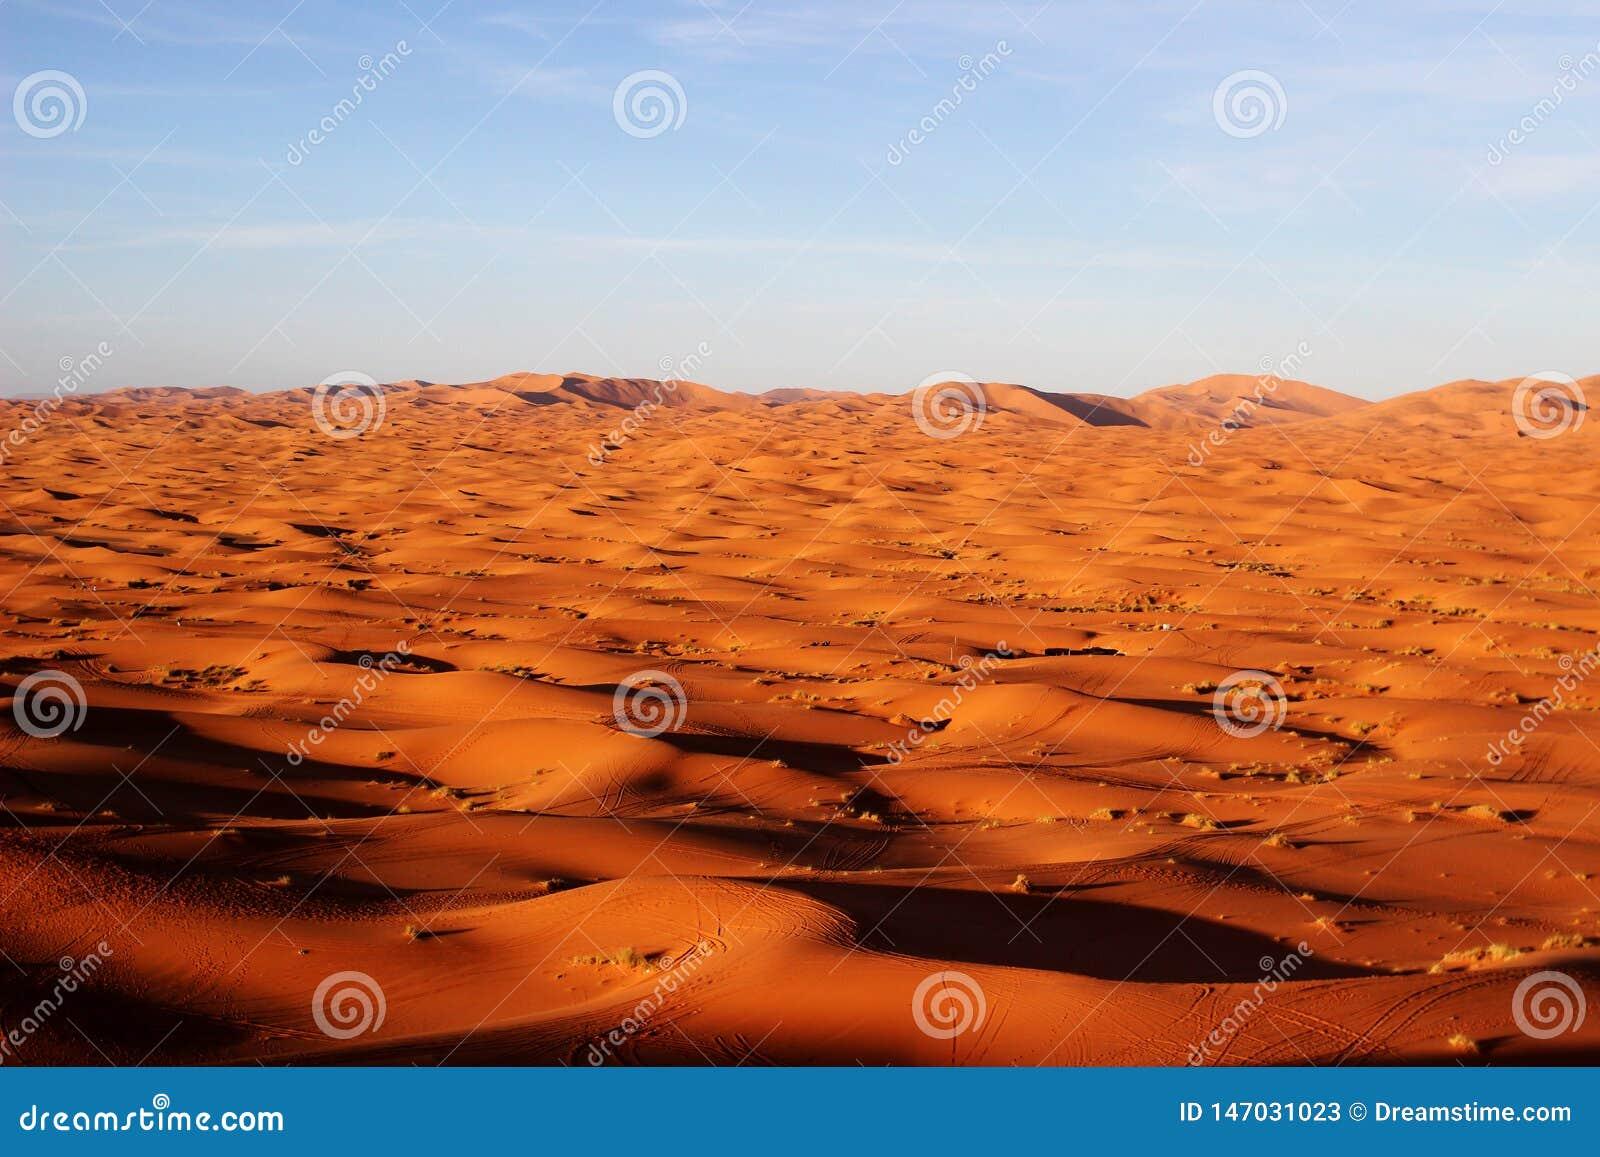 撒哈拉大沙漠片断